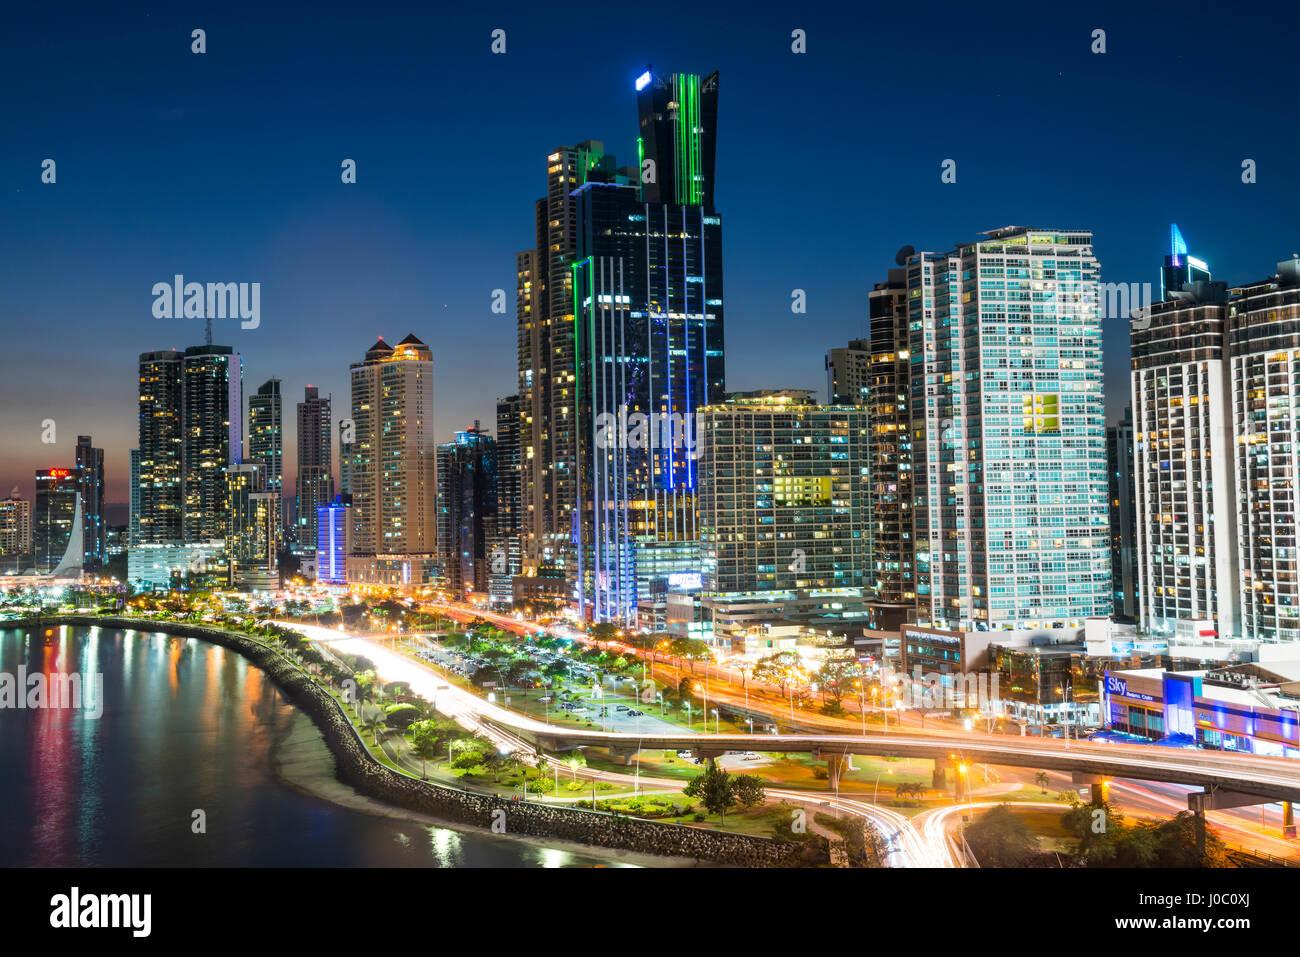 Lo skyline della città di Panama di notte, Panama City, Panama America Centrale Immagini Stock